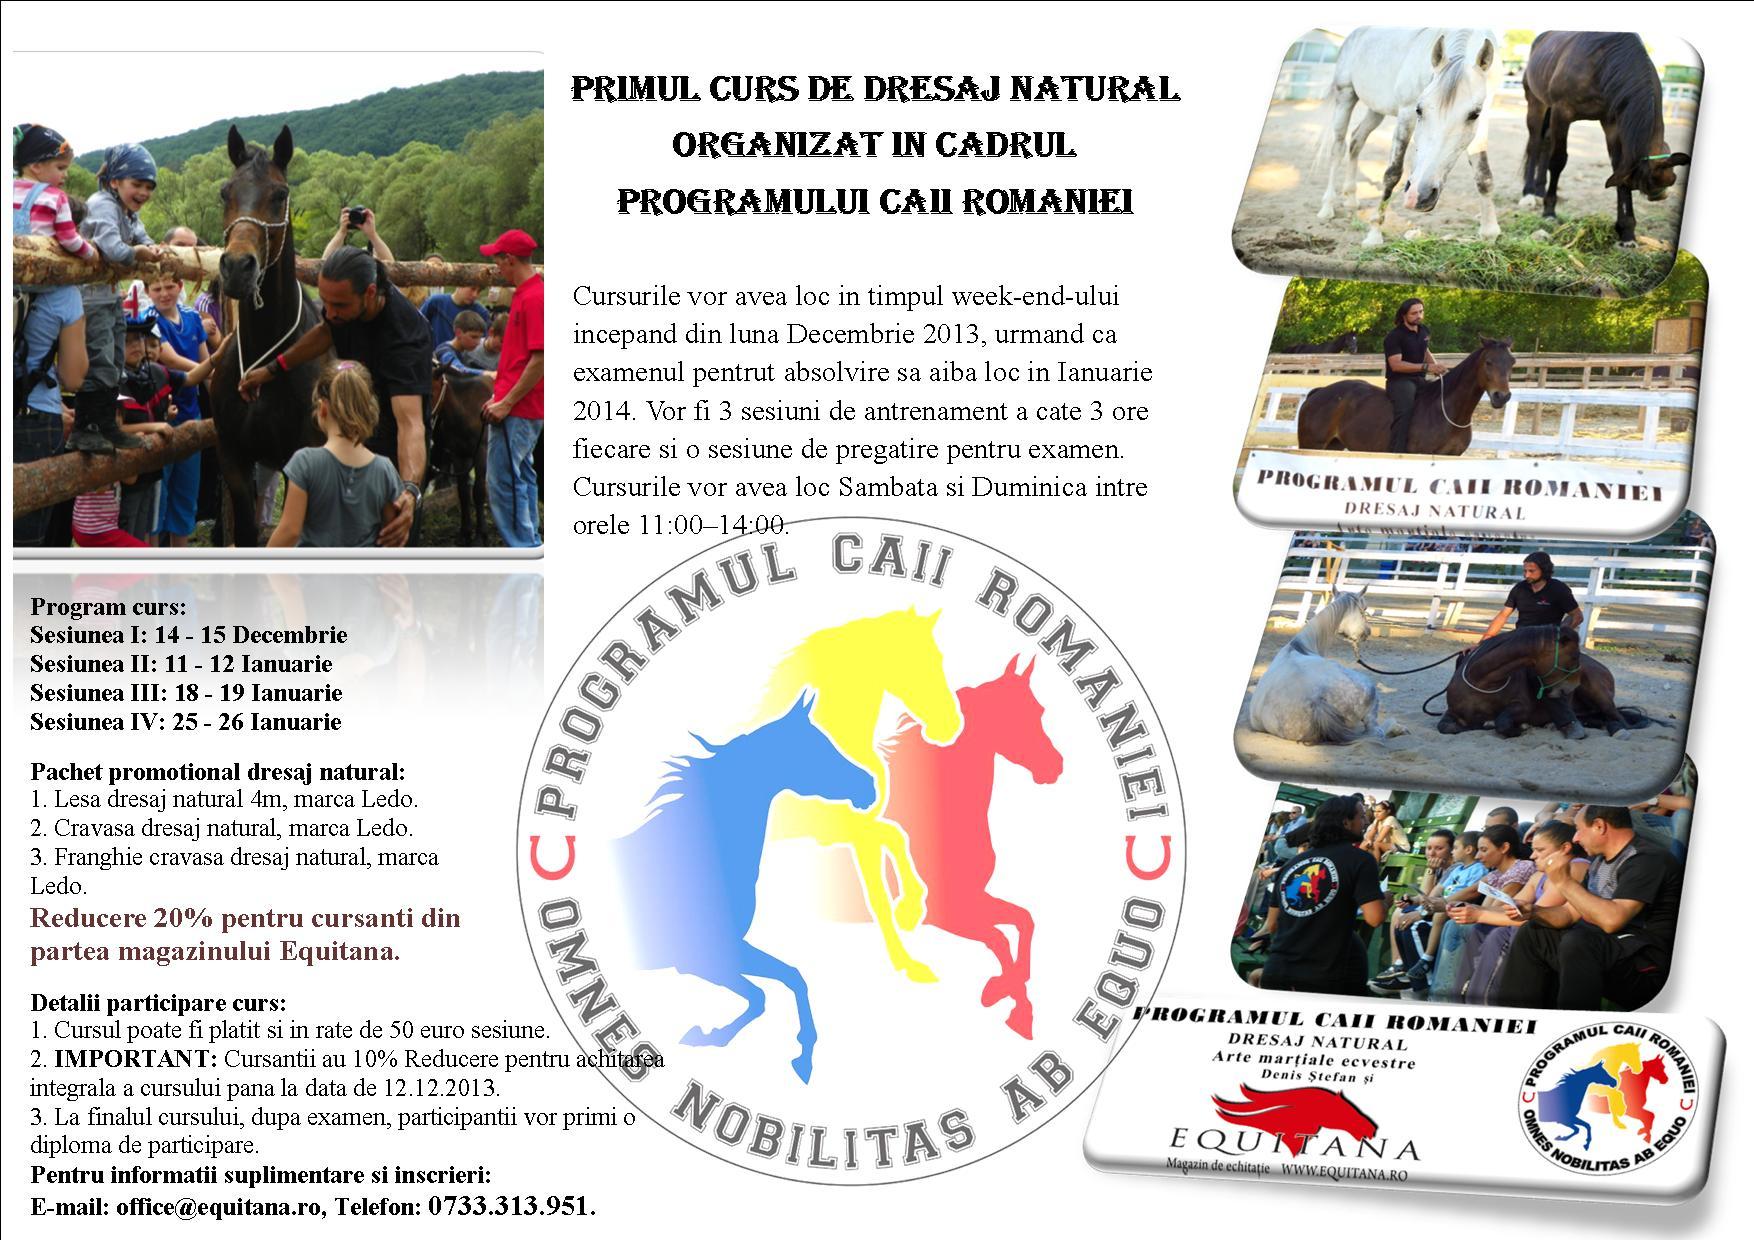 PRIMUL CURS DE DRESAJ NATURAL  ORGANIZAT IN CADRUL  PROGRAMULUI CAII ROMANIEI